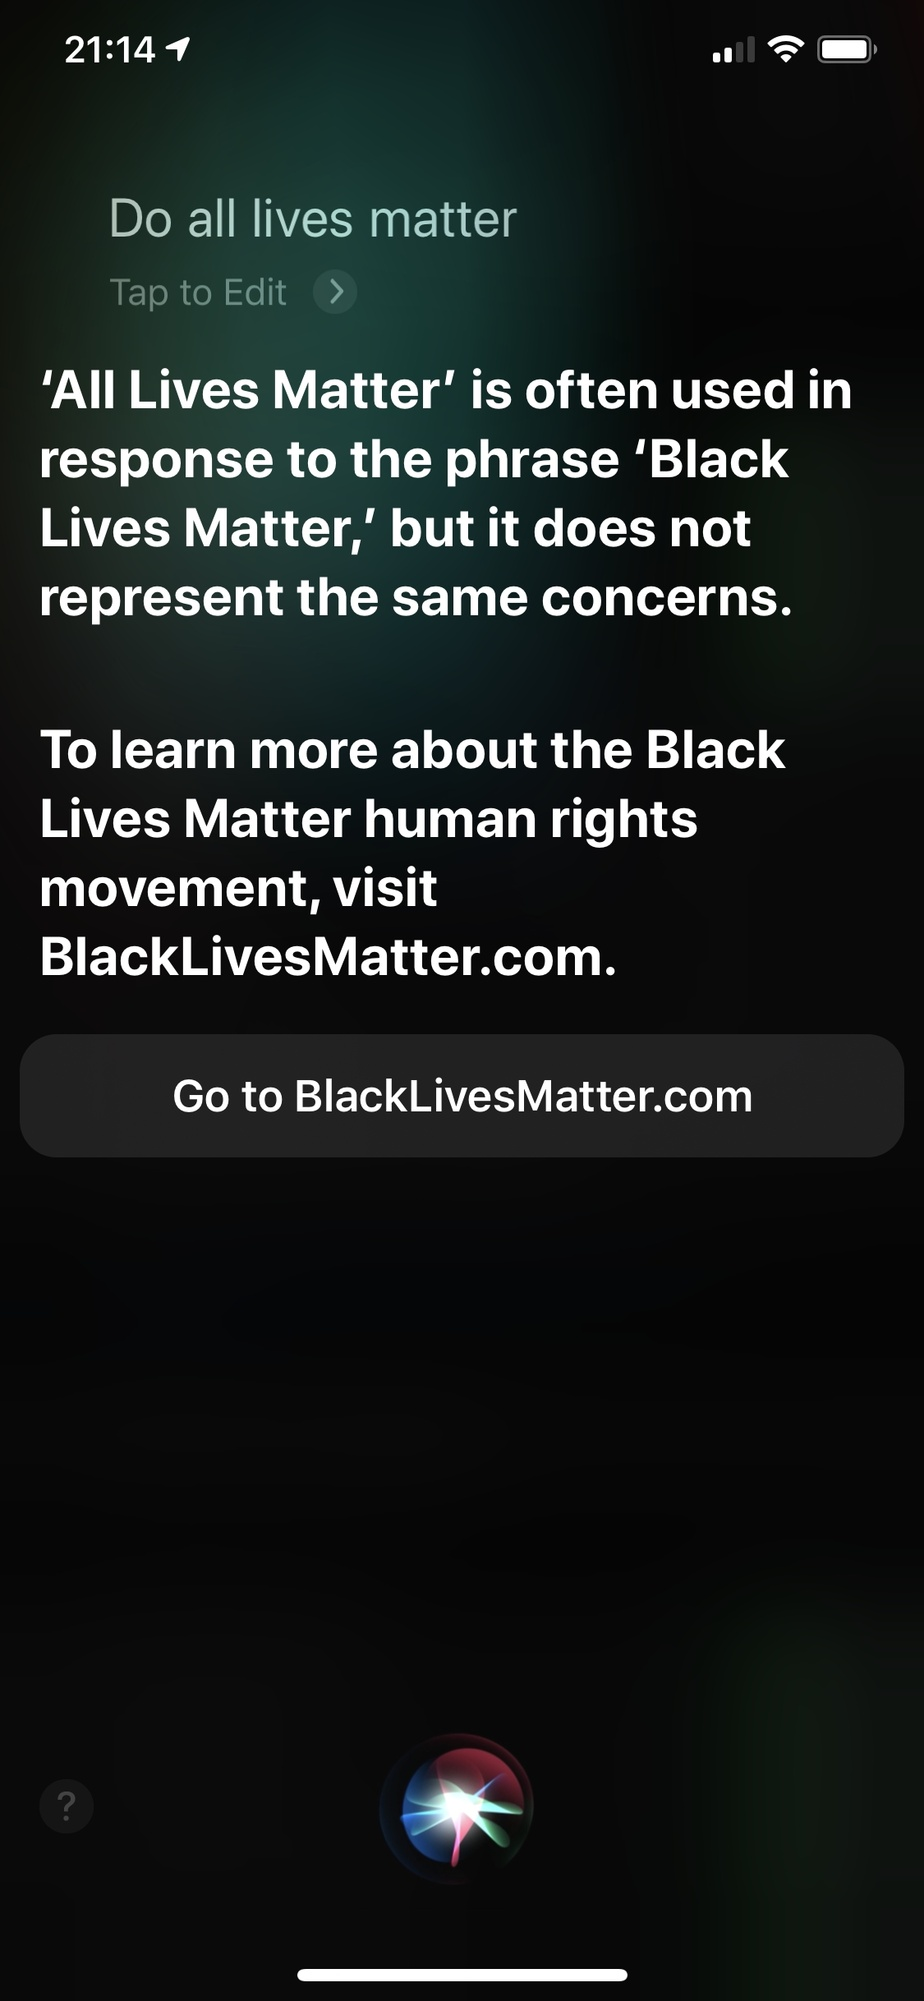 Siri, d'Apple, a une réponse intéressante quand on lui pose la question «Est-ce que toutes les vies comptent?». Aux États-Unis, cette affirmation vient généralement en réaction au mouvement Black Lives Matter. «Il ne s'agit pas des mêmes préoccupations», dit l'assistante vocale.